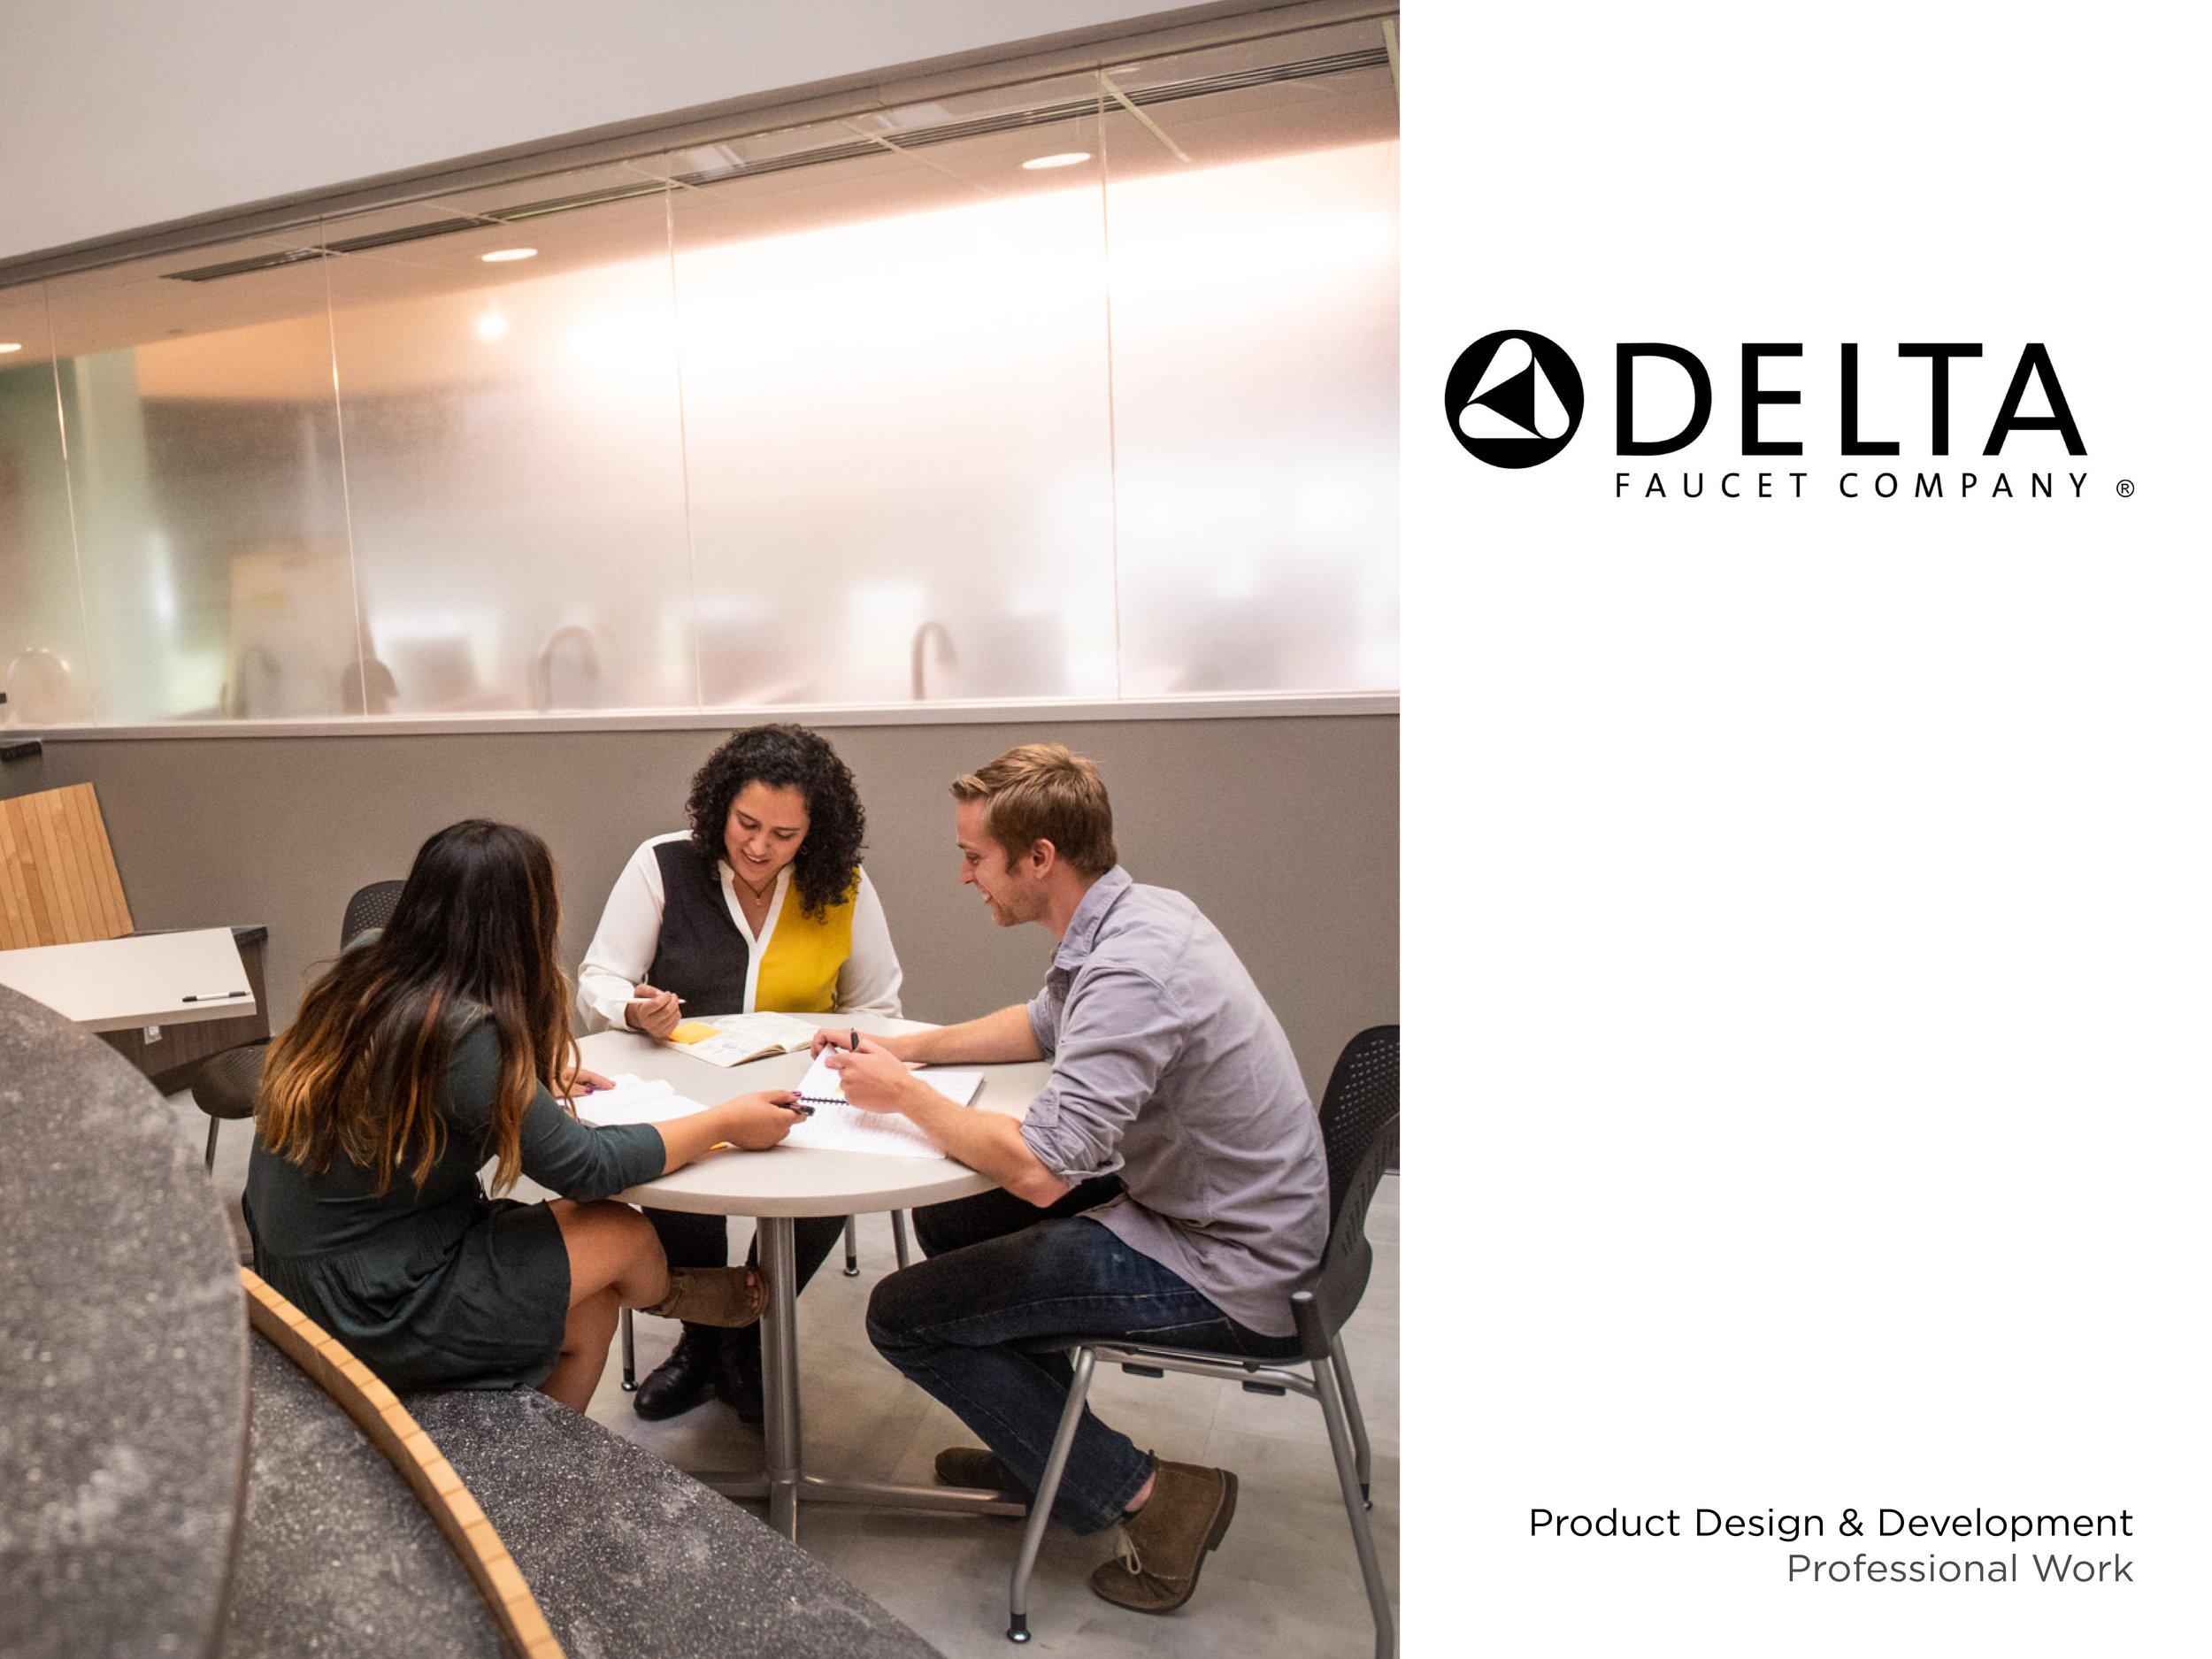 delta faucet laza design